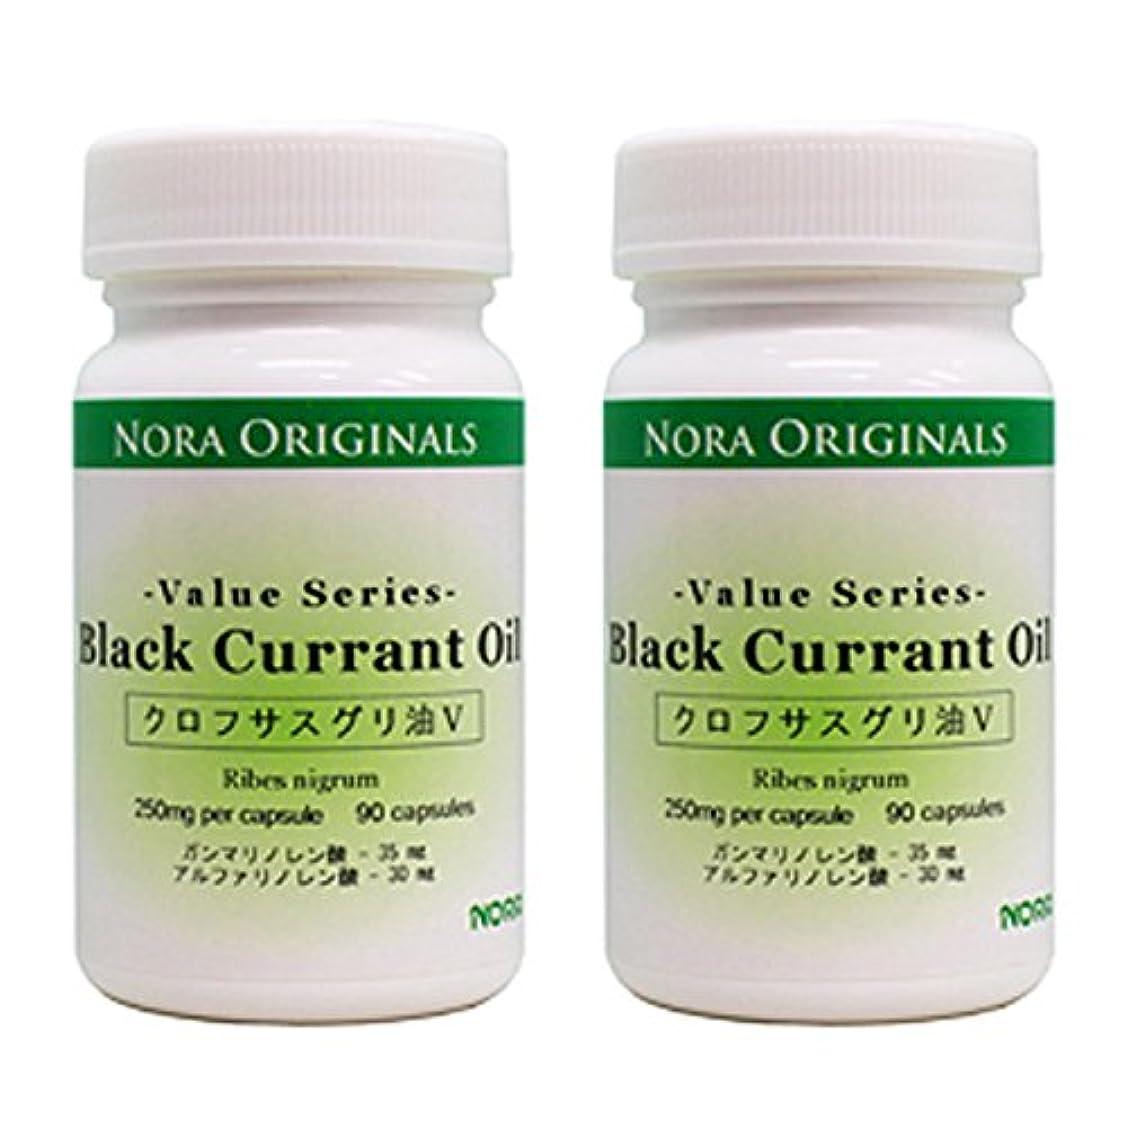 バーガーイヤホン歯痛ノラ?オリジナルズ クロフサスグリ油 V Black Currant Oil V オイル 250mg 90カプセル 2個セット